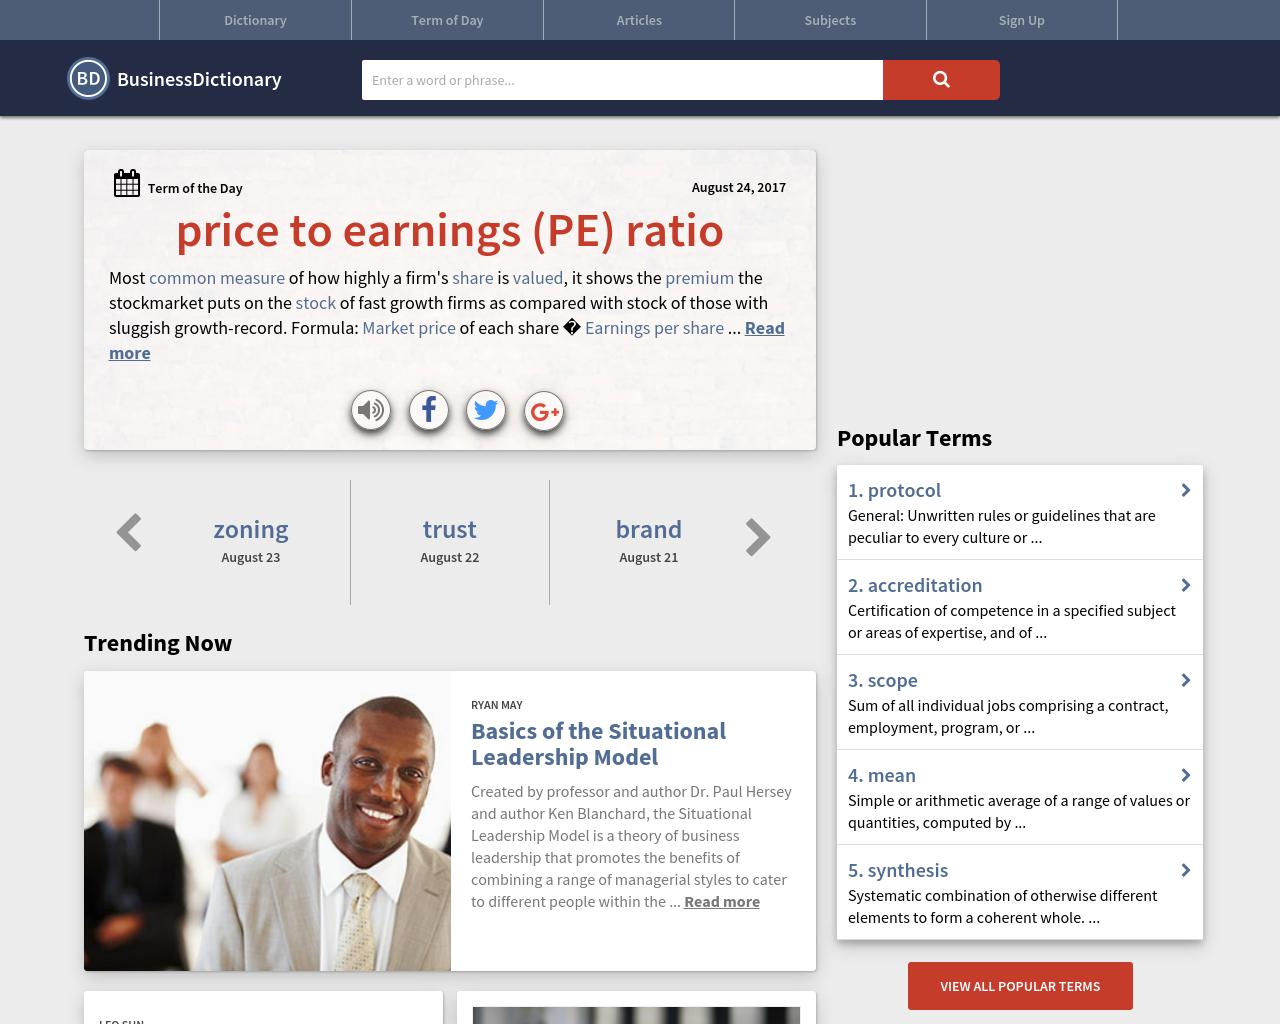 BusinessDictionary.com-Advertising-Reviews-Pricing